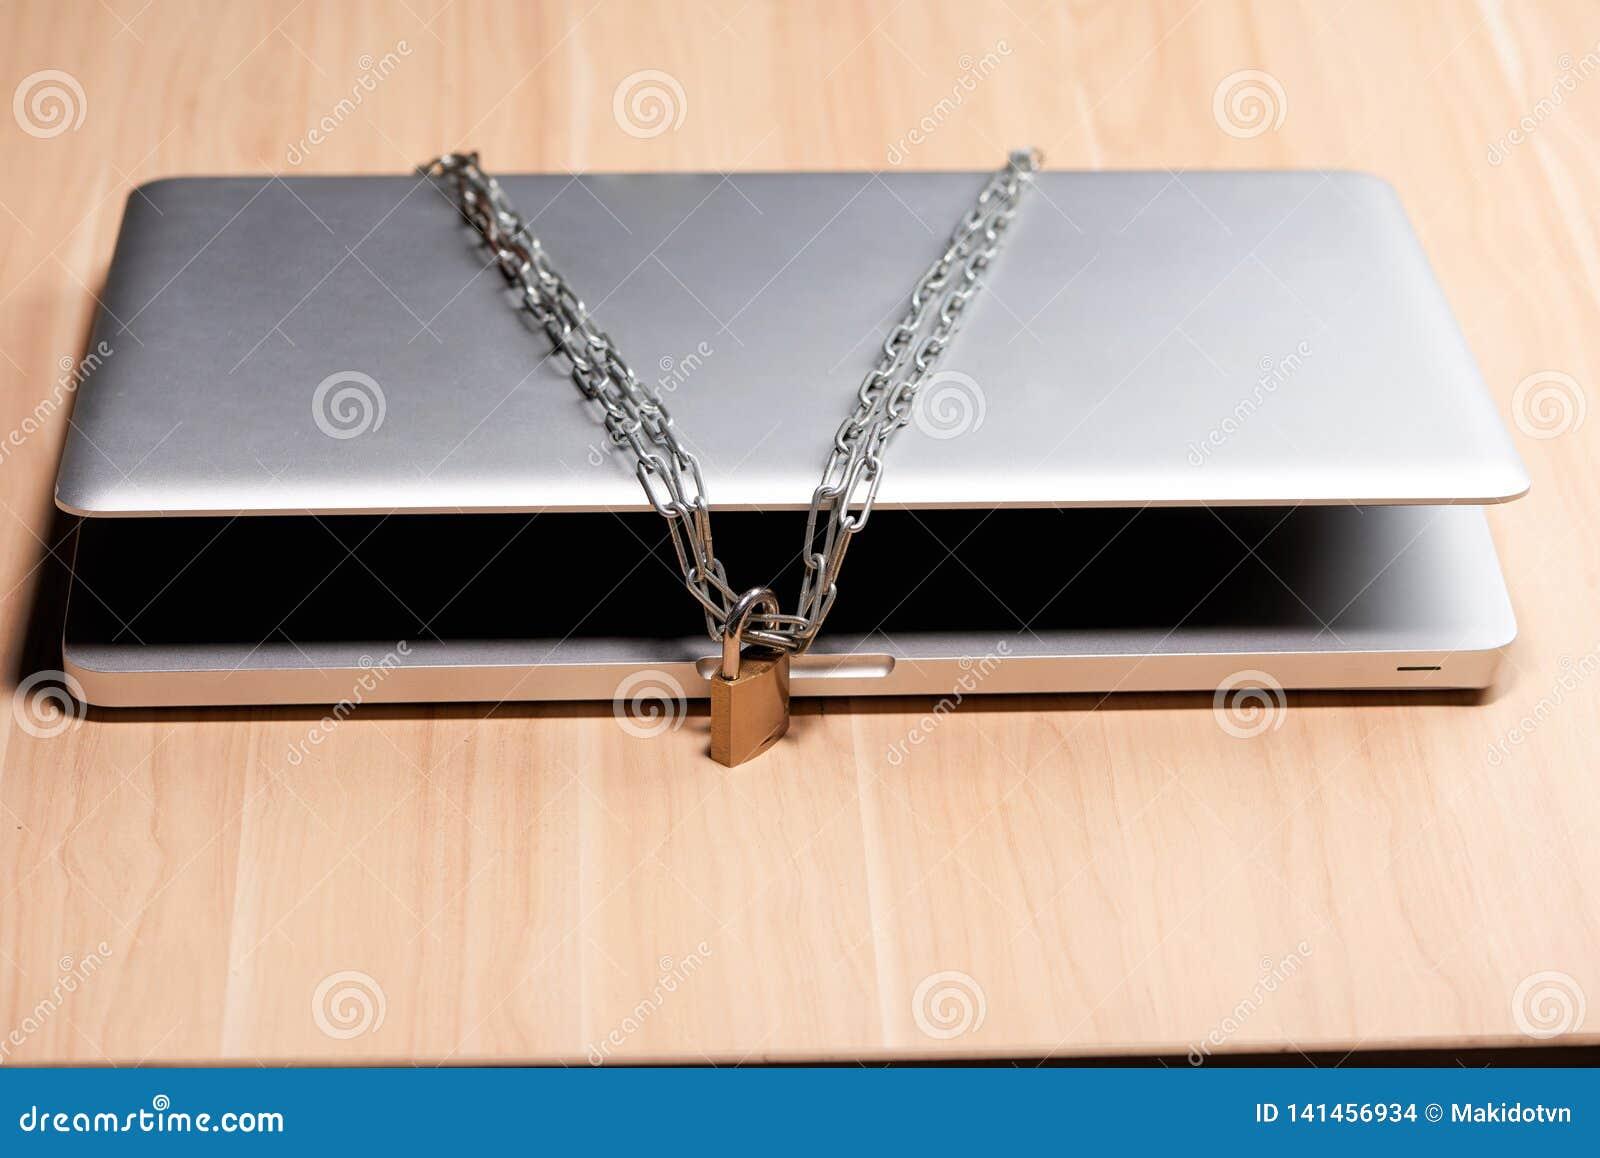 Zware ketting met een hangslot rond laptop op lijst